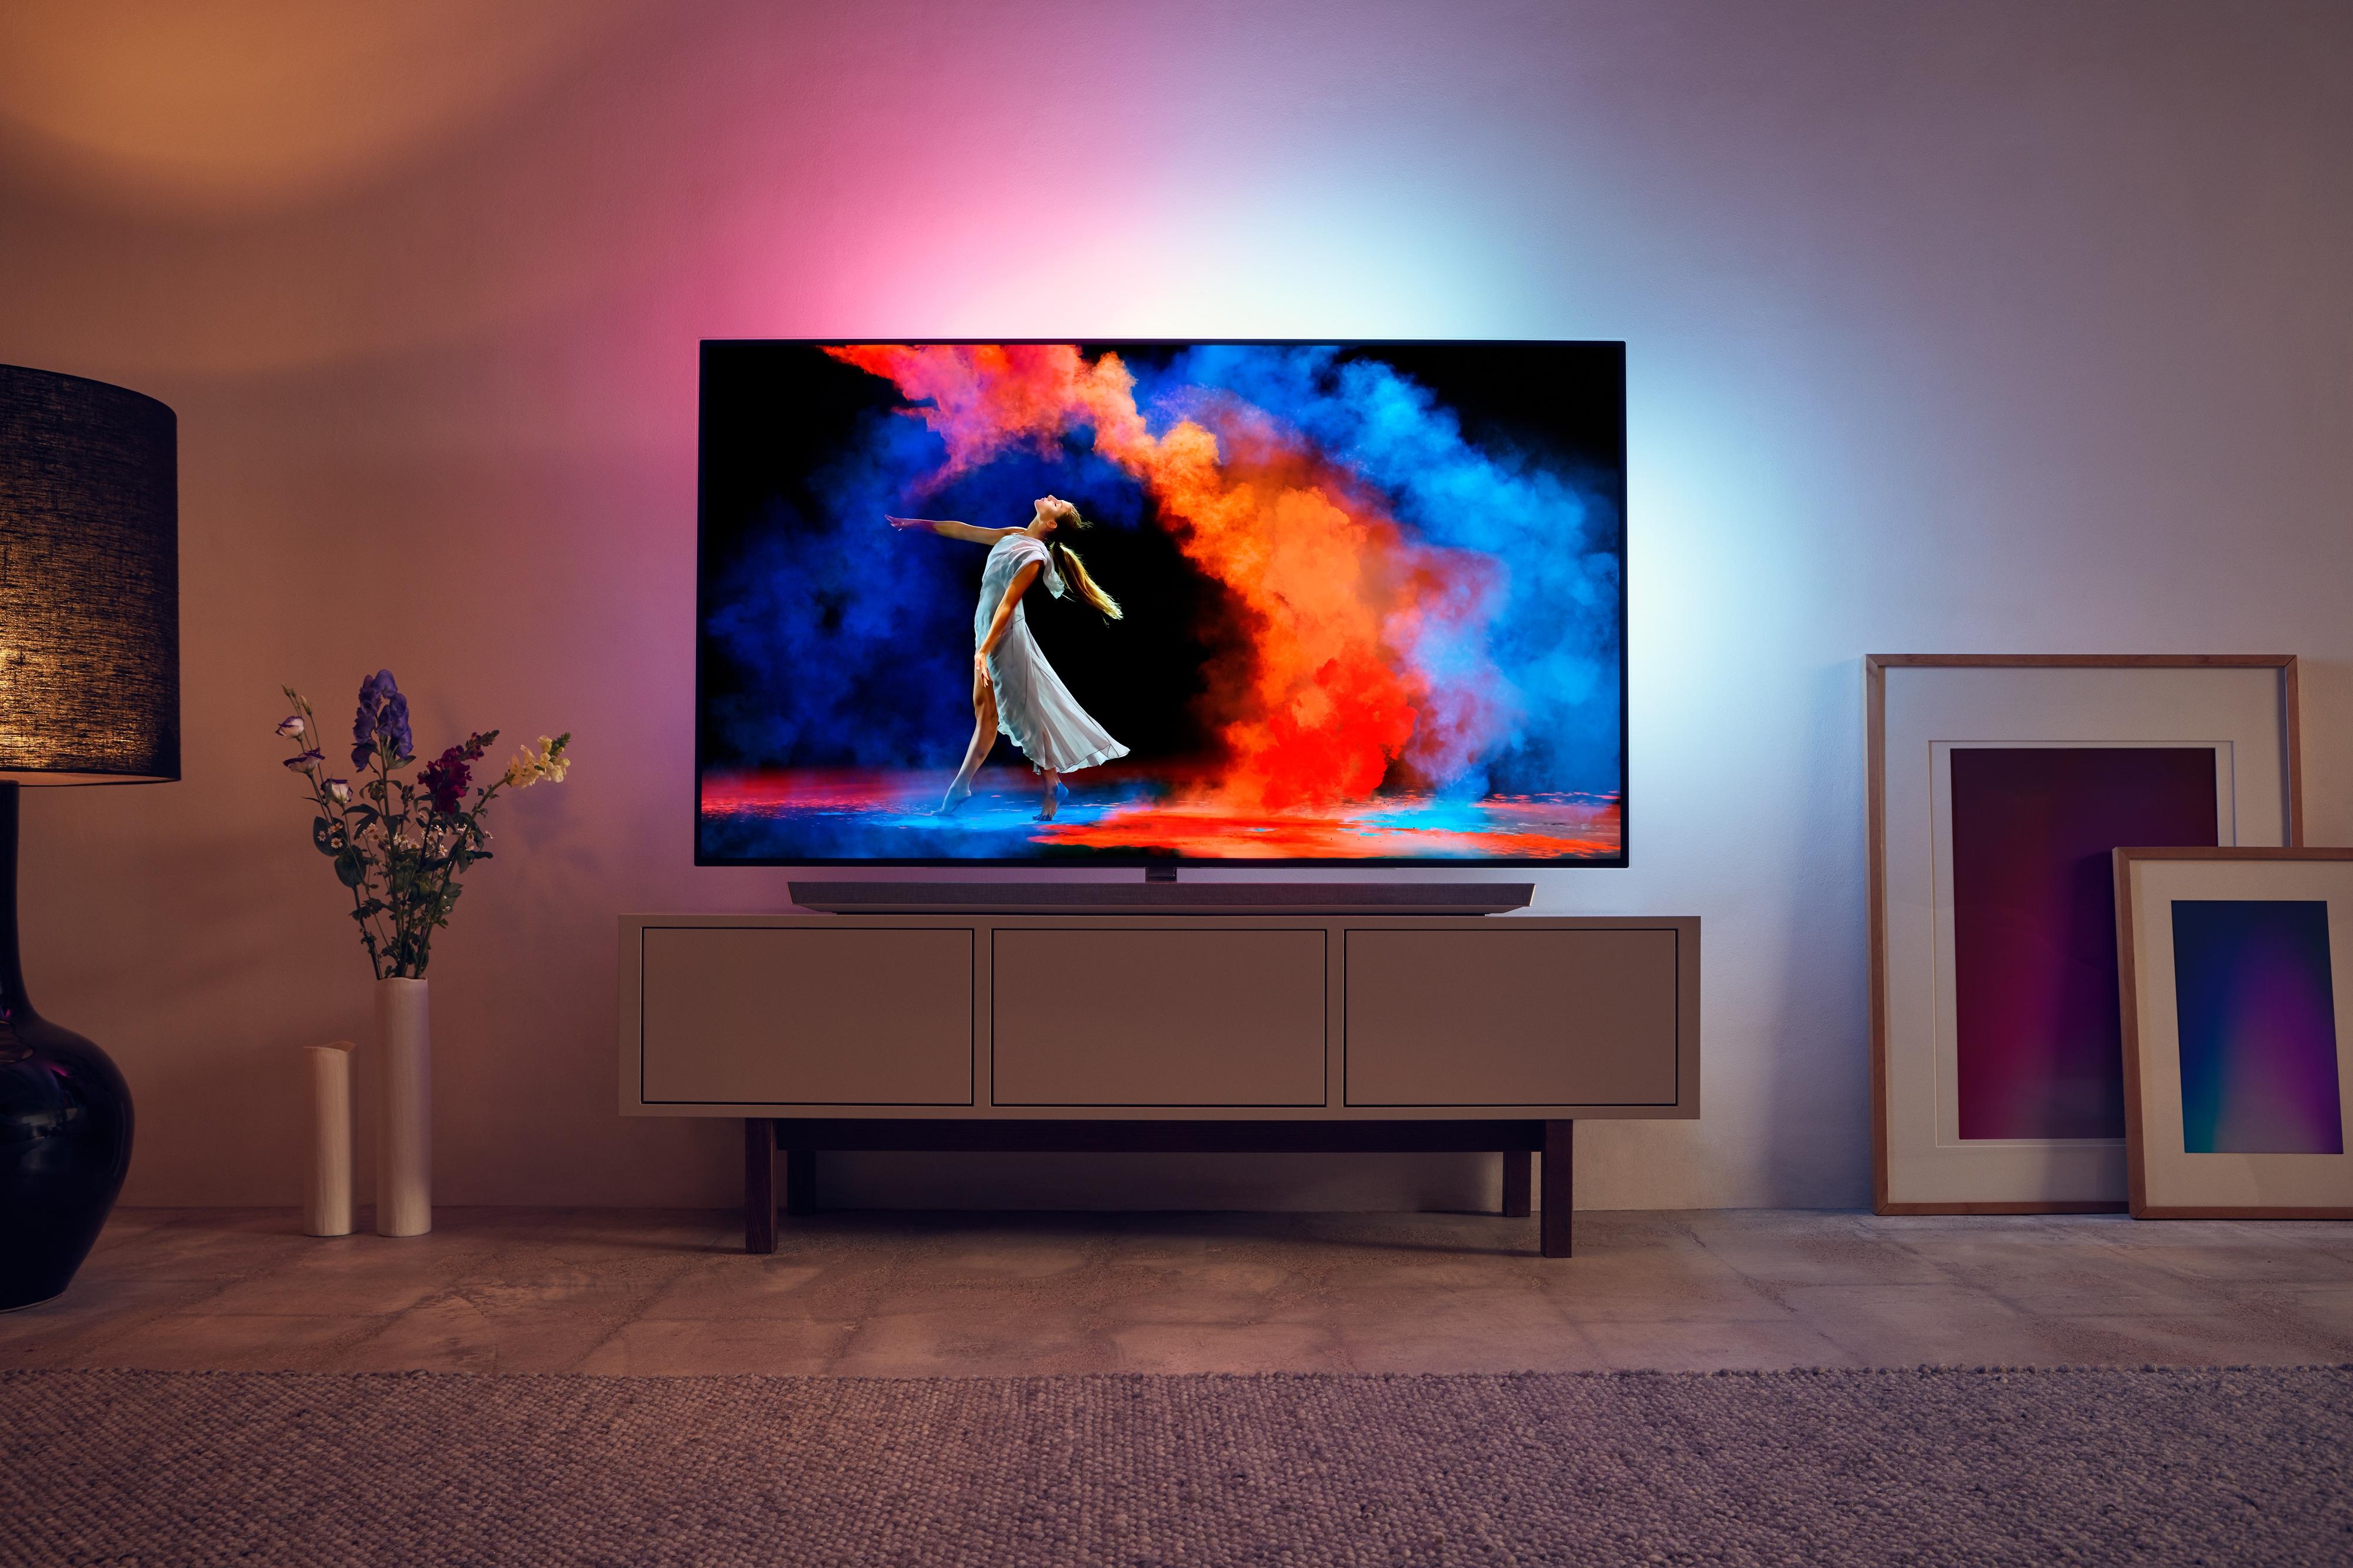 Appendere Tv Muro le regole da seguire per posizionare correttamente una tv in